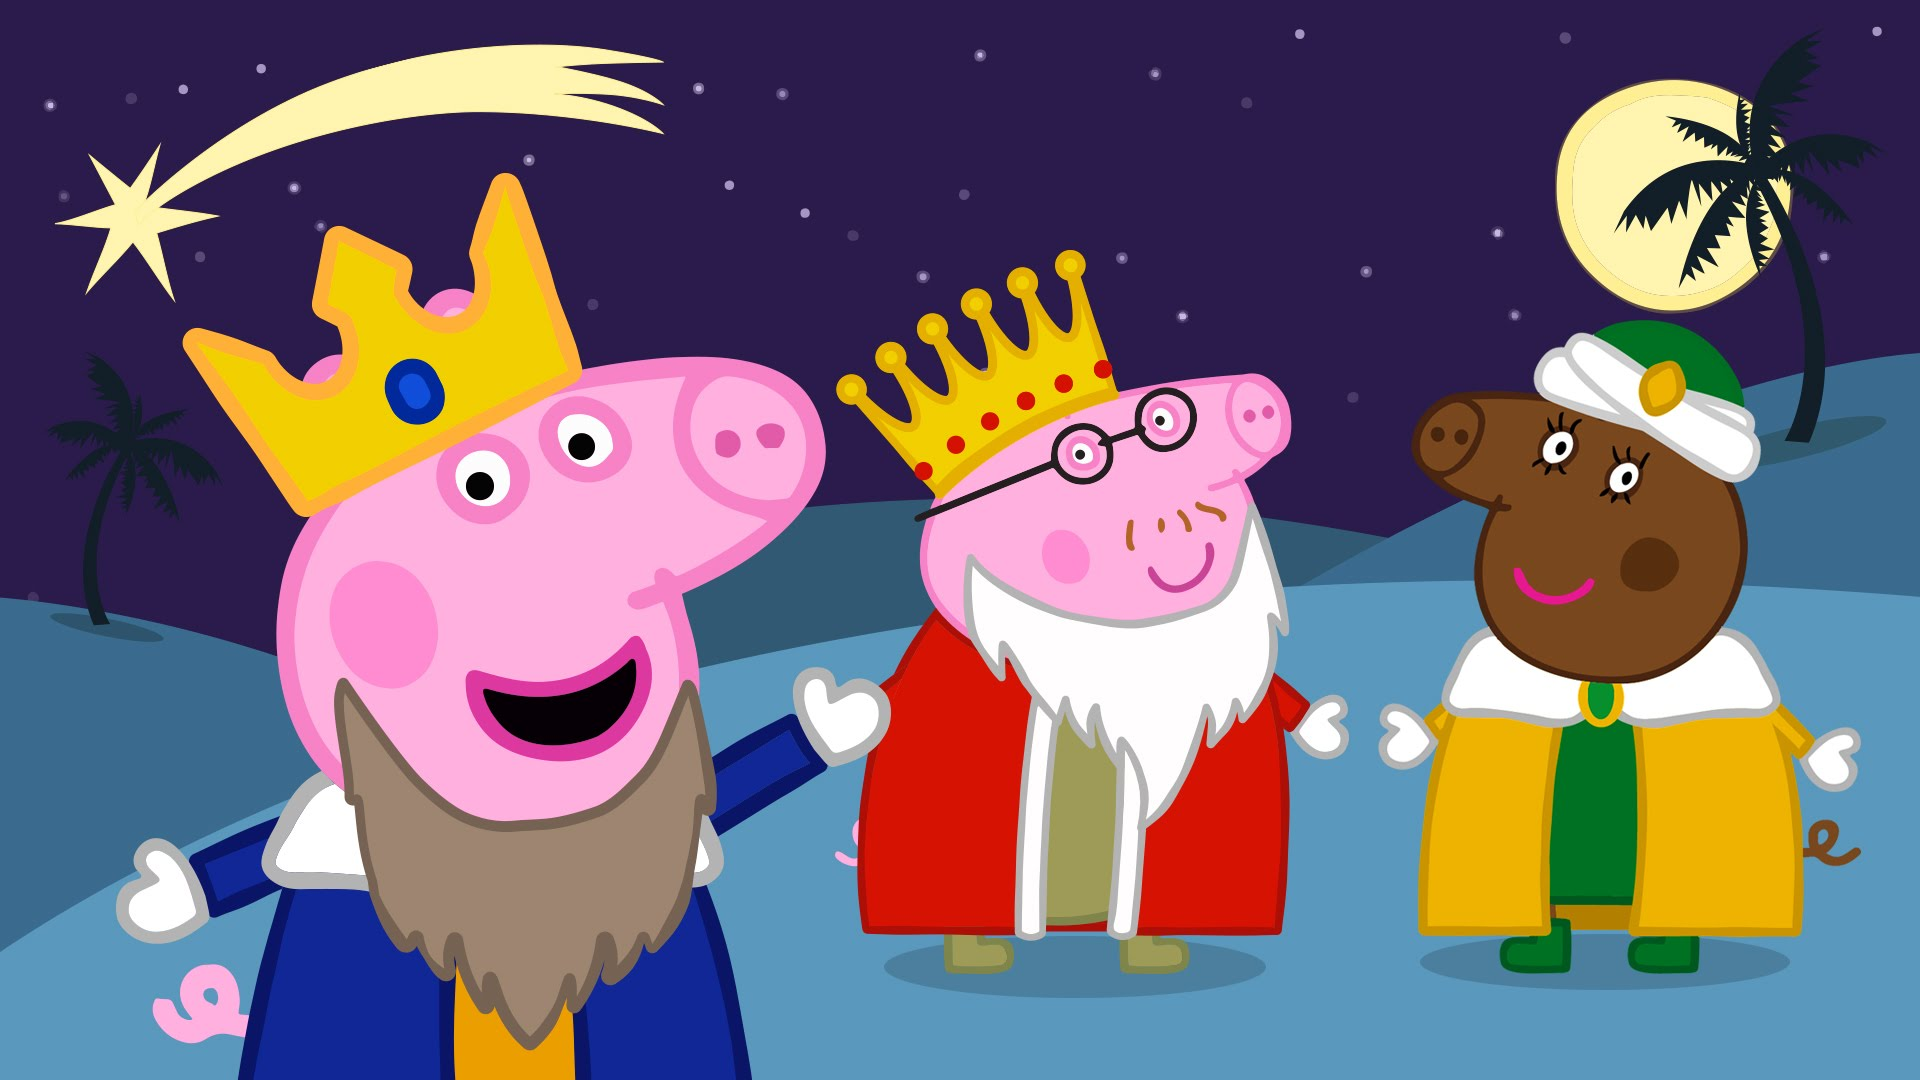 Peppa Pig Y Su Familia Se Disfrazan De Los 3 Reyes Magos